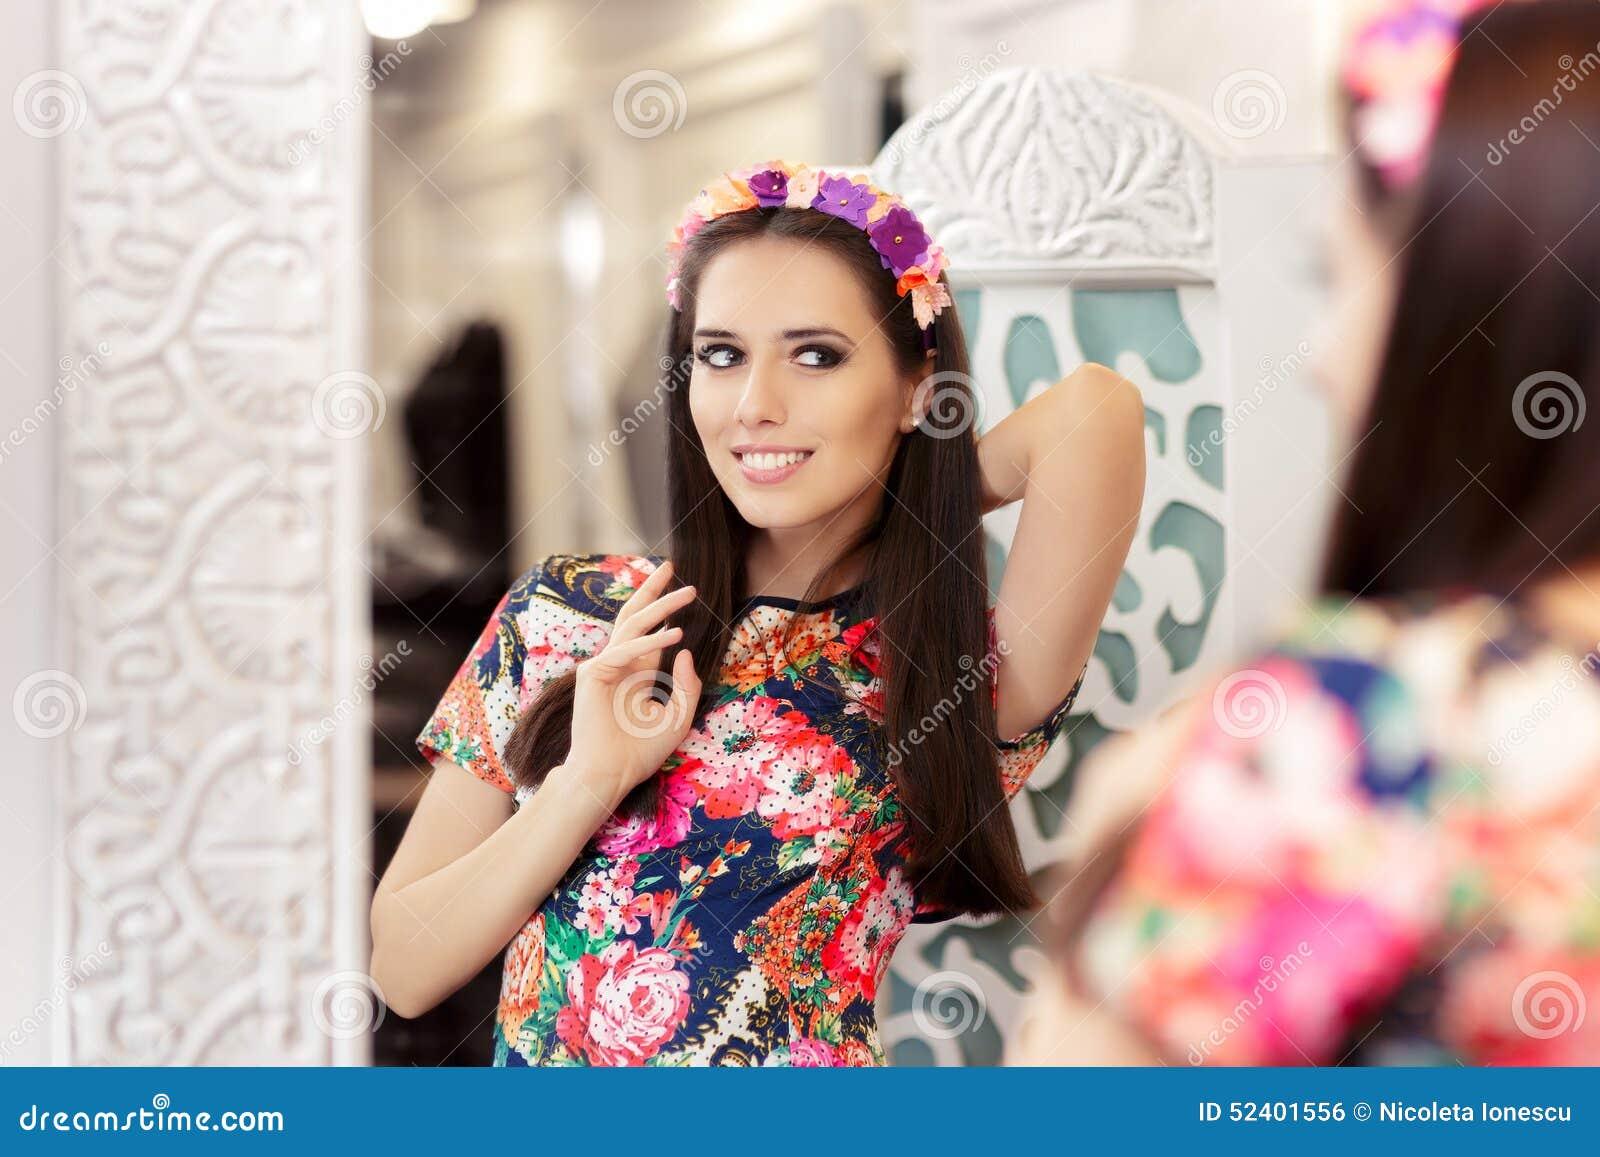 Девушка фото в зеркале в платье